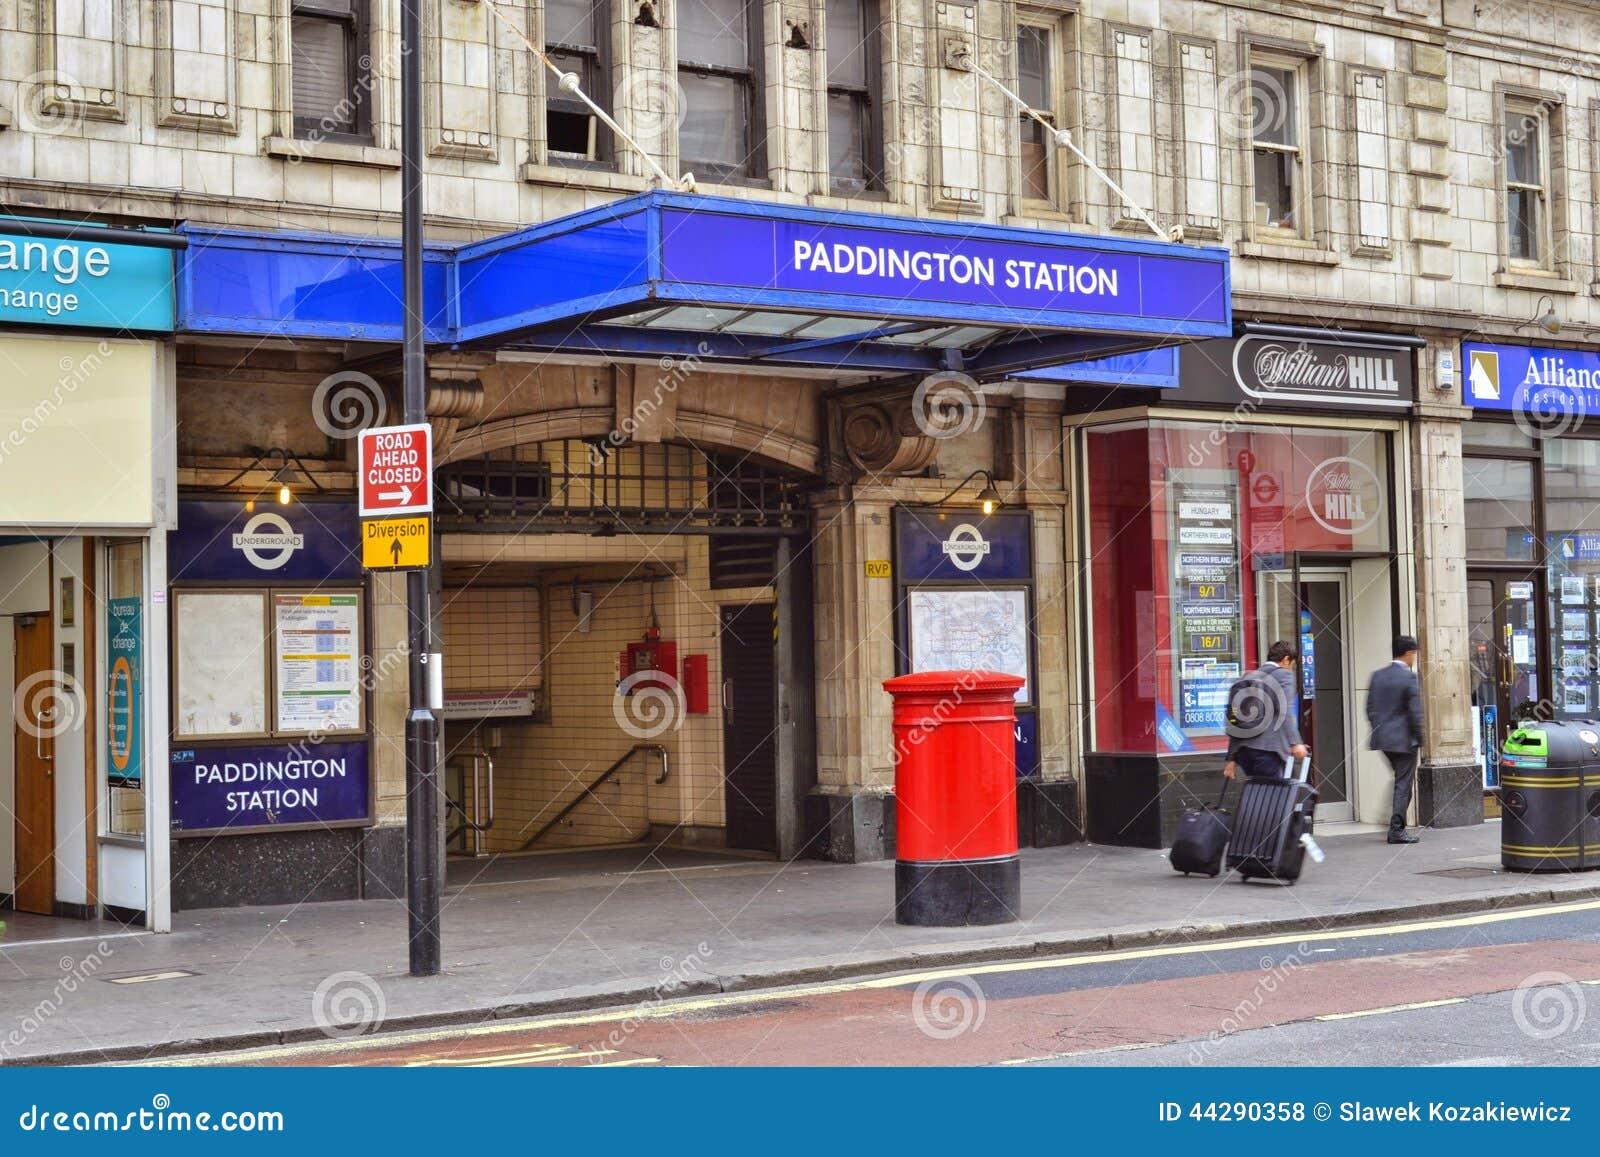 Entr e de station de m tro de londres paddington photo - Penthouse paddington londres en angleterre ...